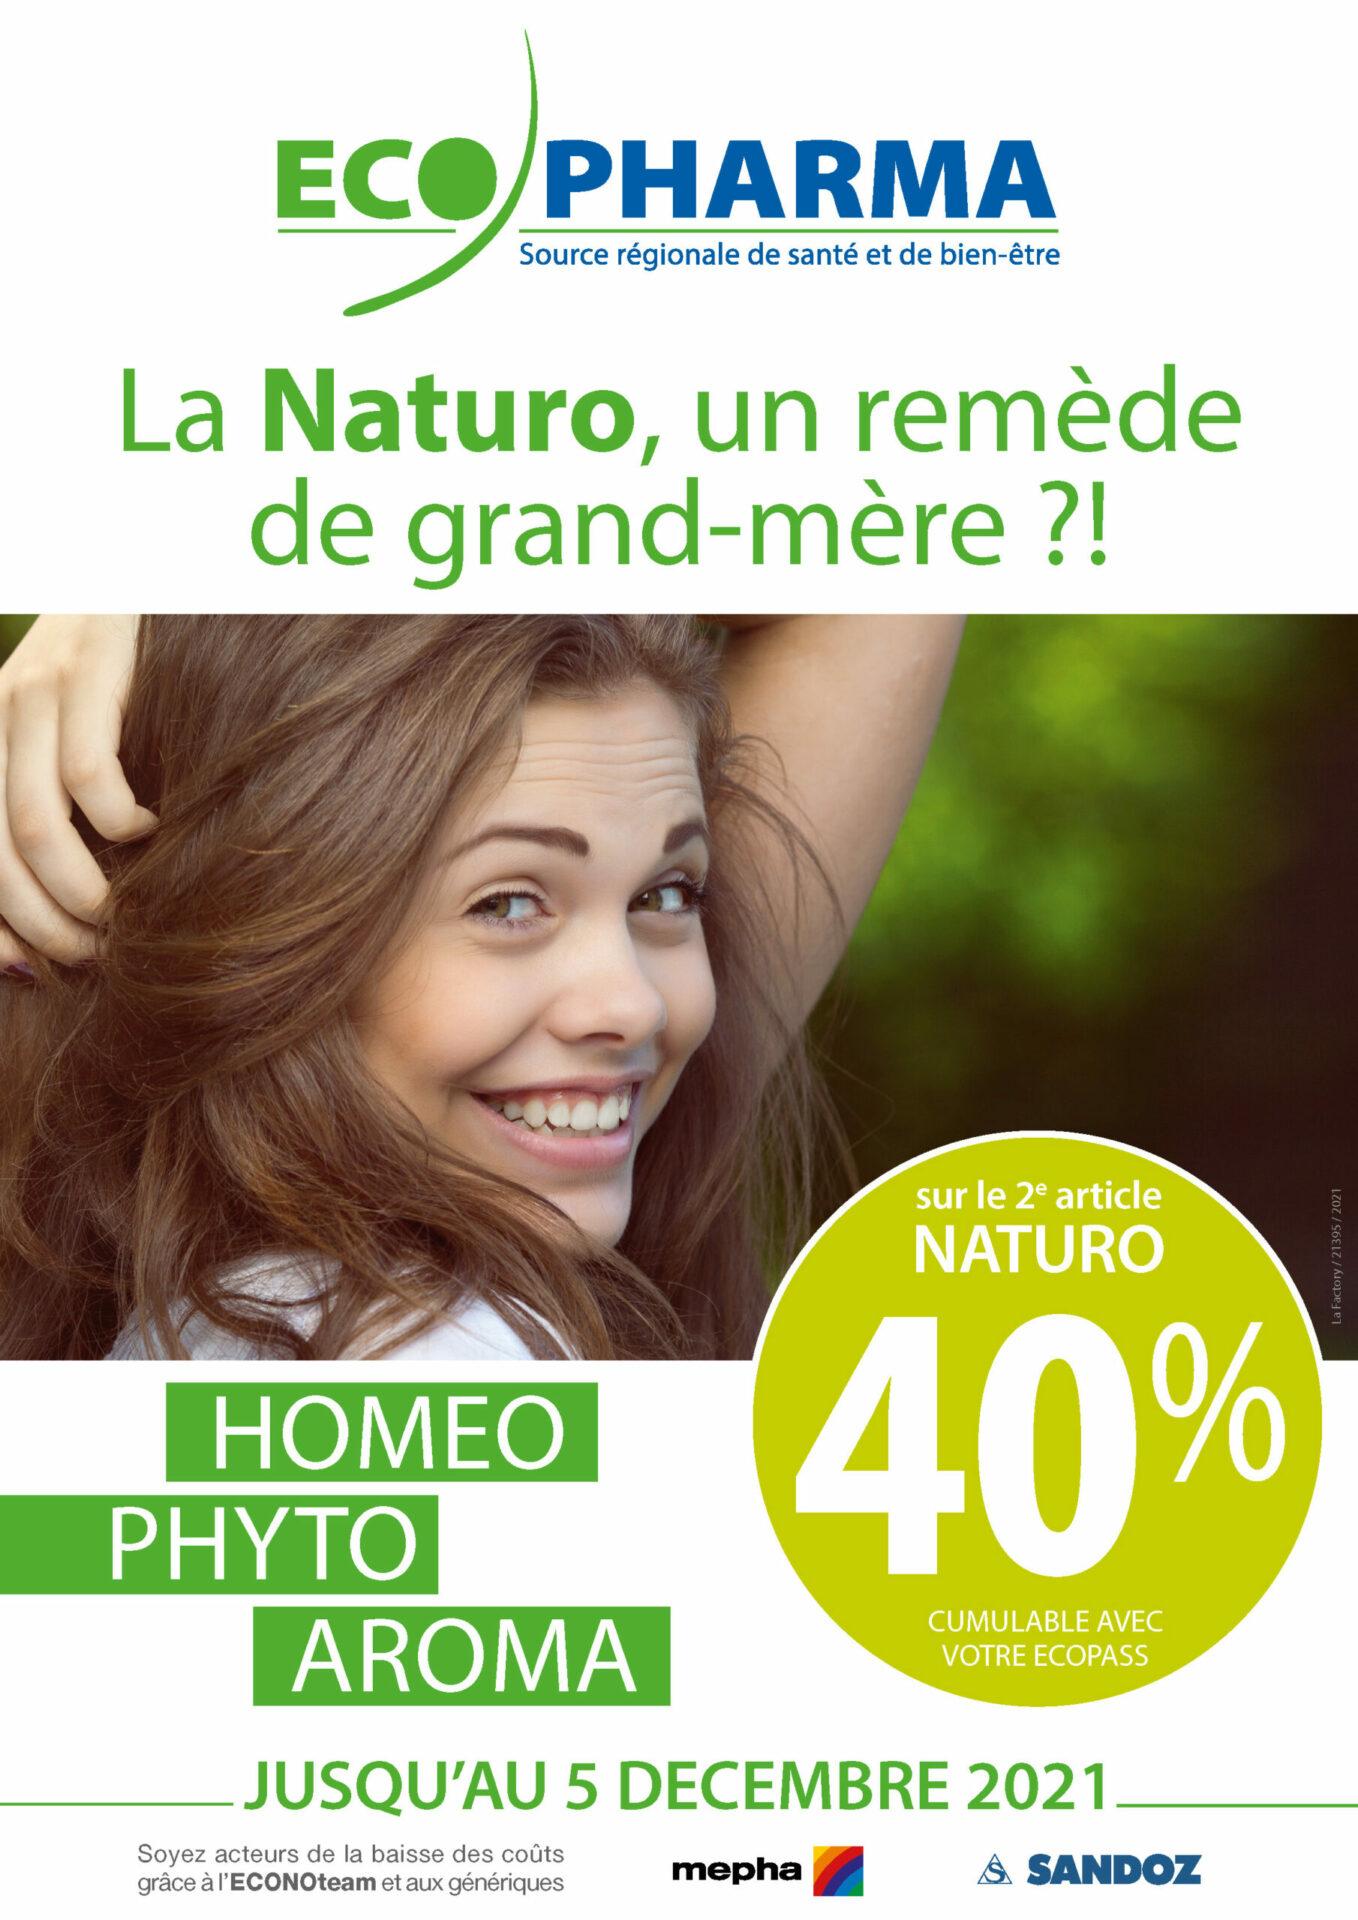 Profitez de notre offre Naturo ! 40 % sur le 2ème article Naturo